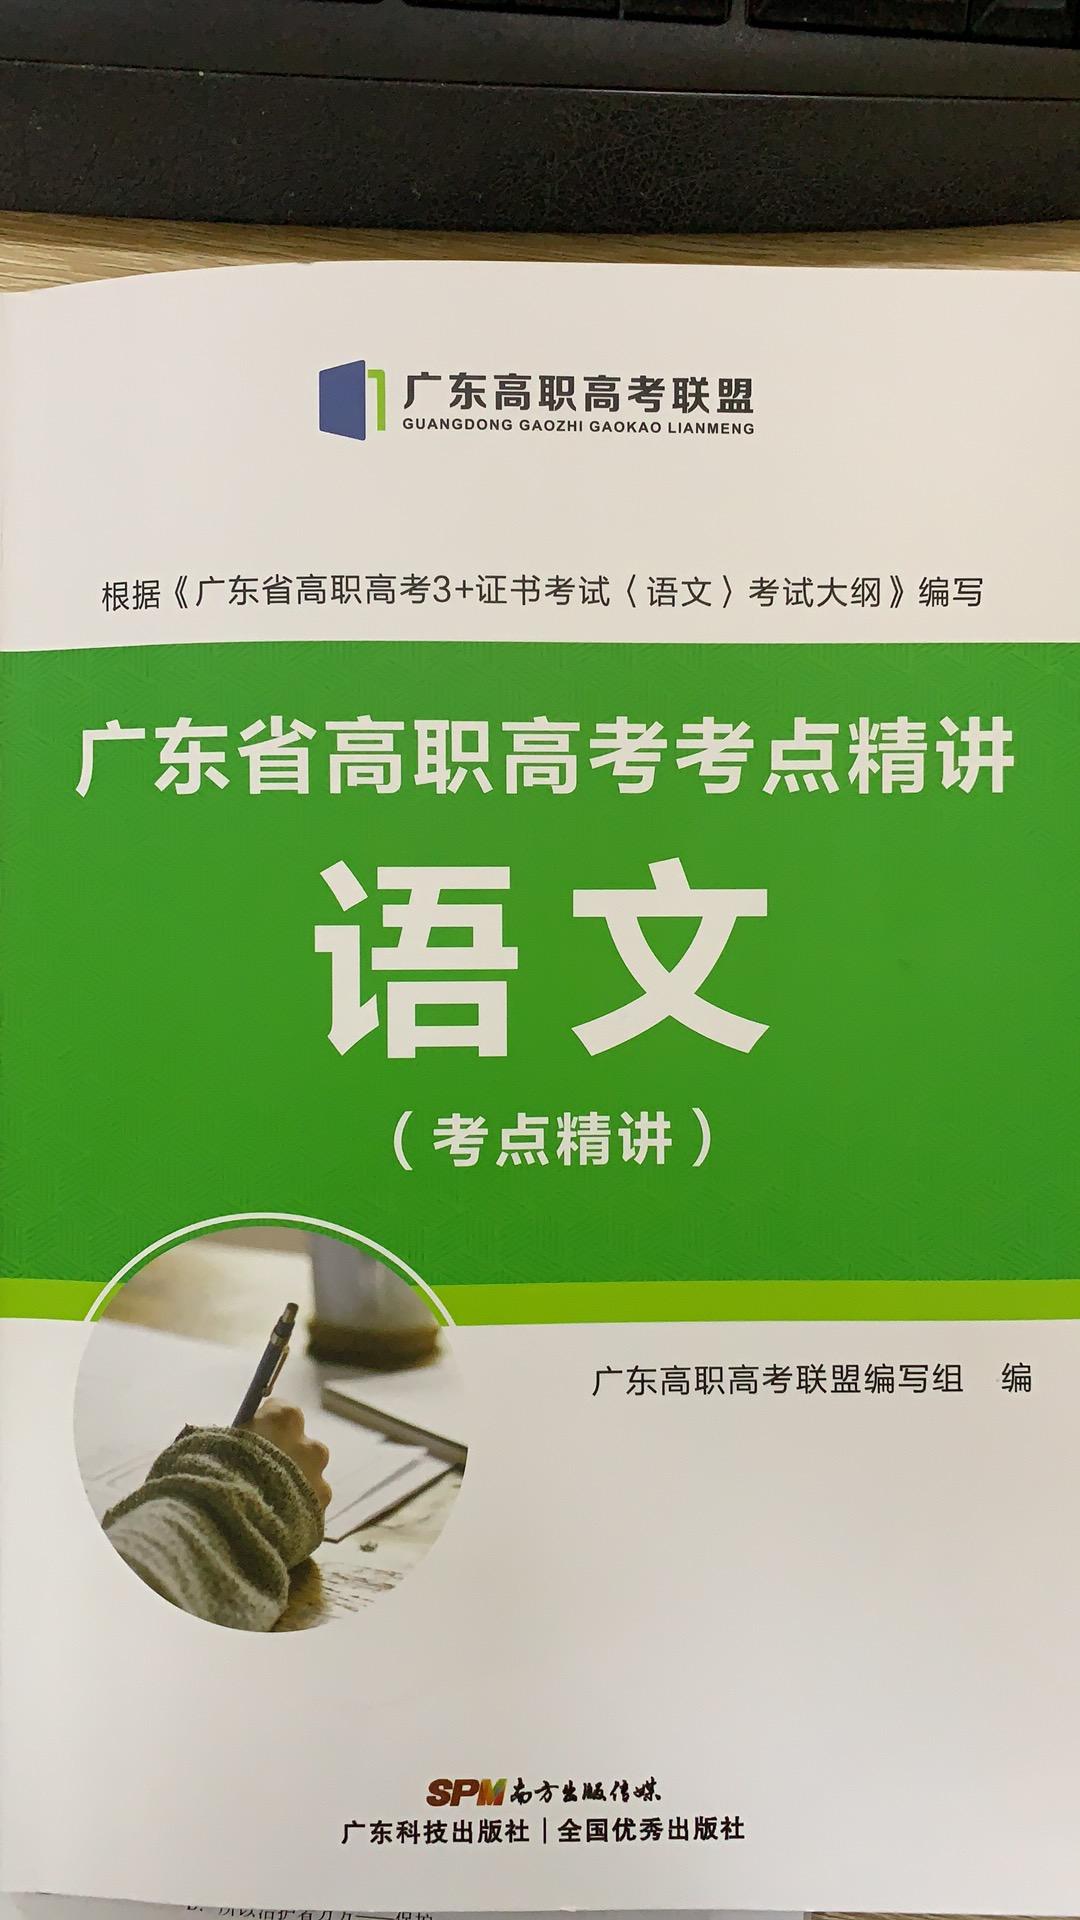 2020年高职高考(3+证书)语文教材考点精讲第5章第3节传统材料作文的审题立意